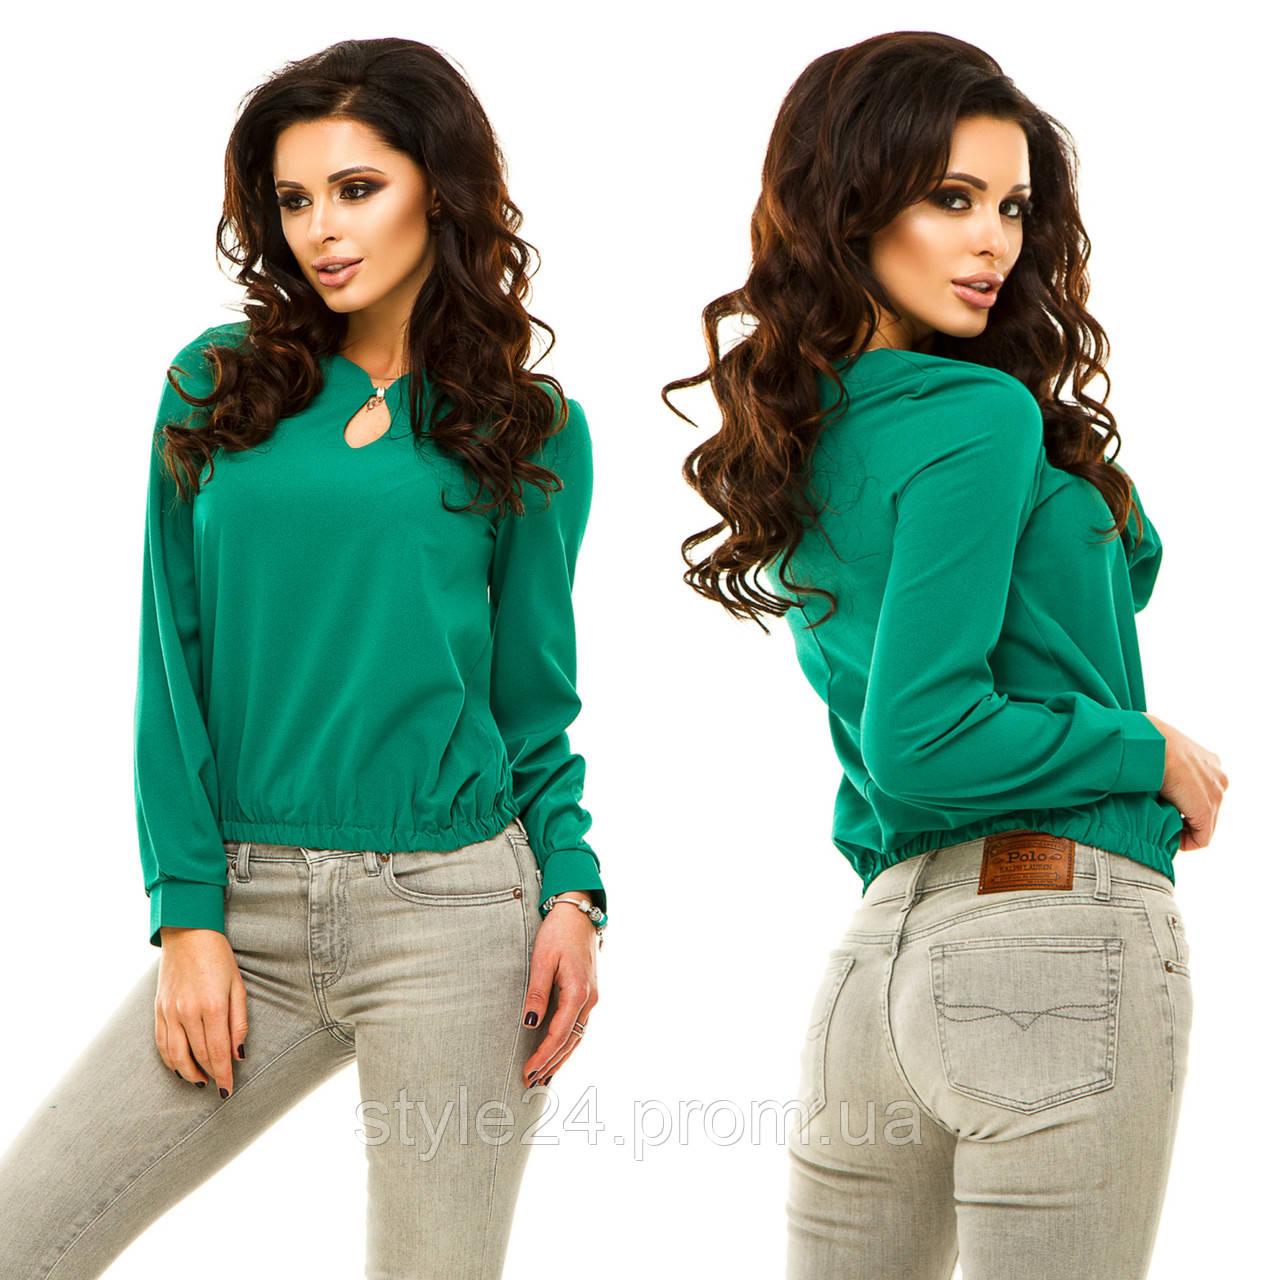 Жіноча шифонова блуза з прикрасою та вирізом